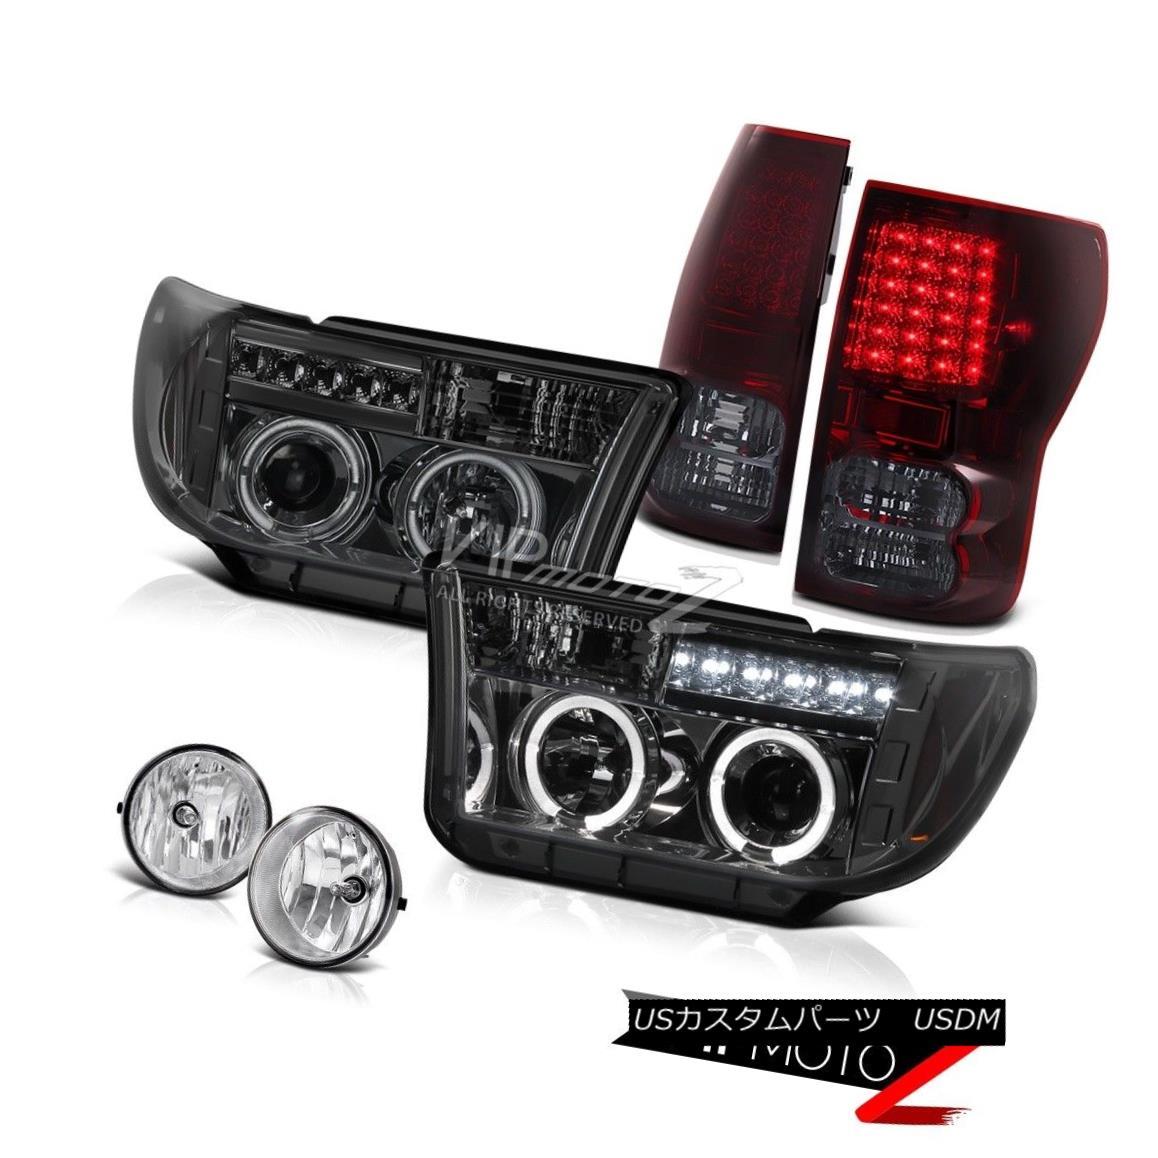 テールライト Halo Projector Smoke Headlight+Led Tail Light+Fog Lamp Toyota Tundra 07-13 ハロープロジェクター煙ヘッドライト+ Ledテールライト+フォグランターToyota Tundra 07-13